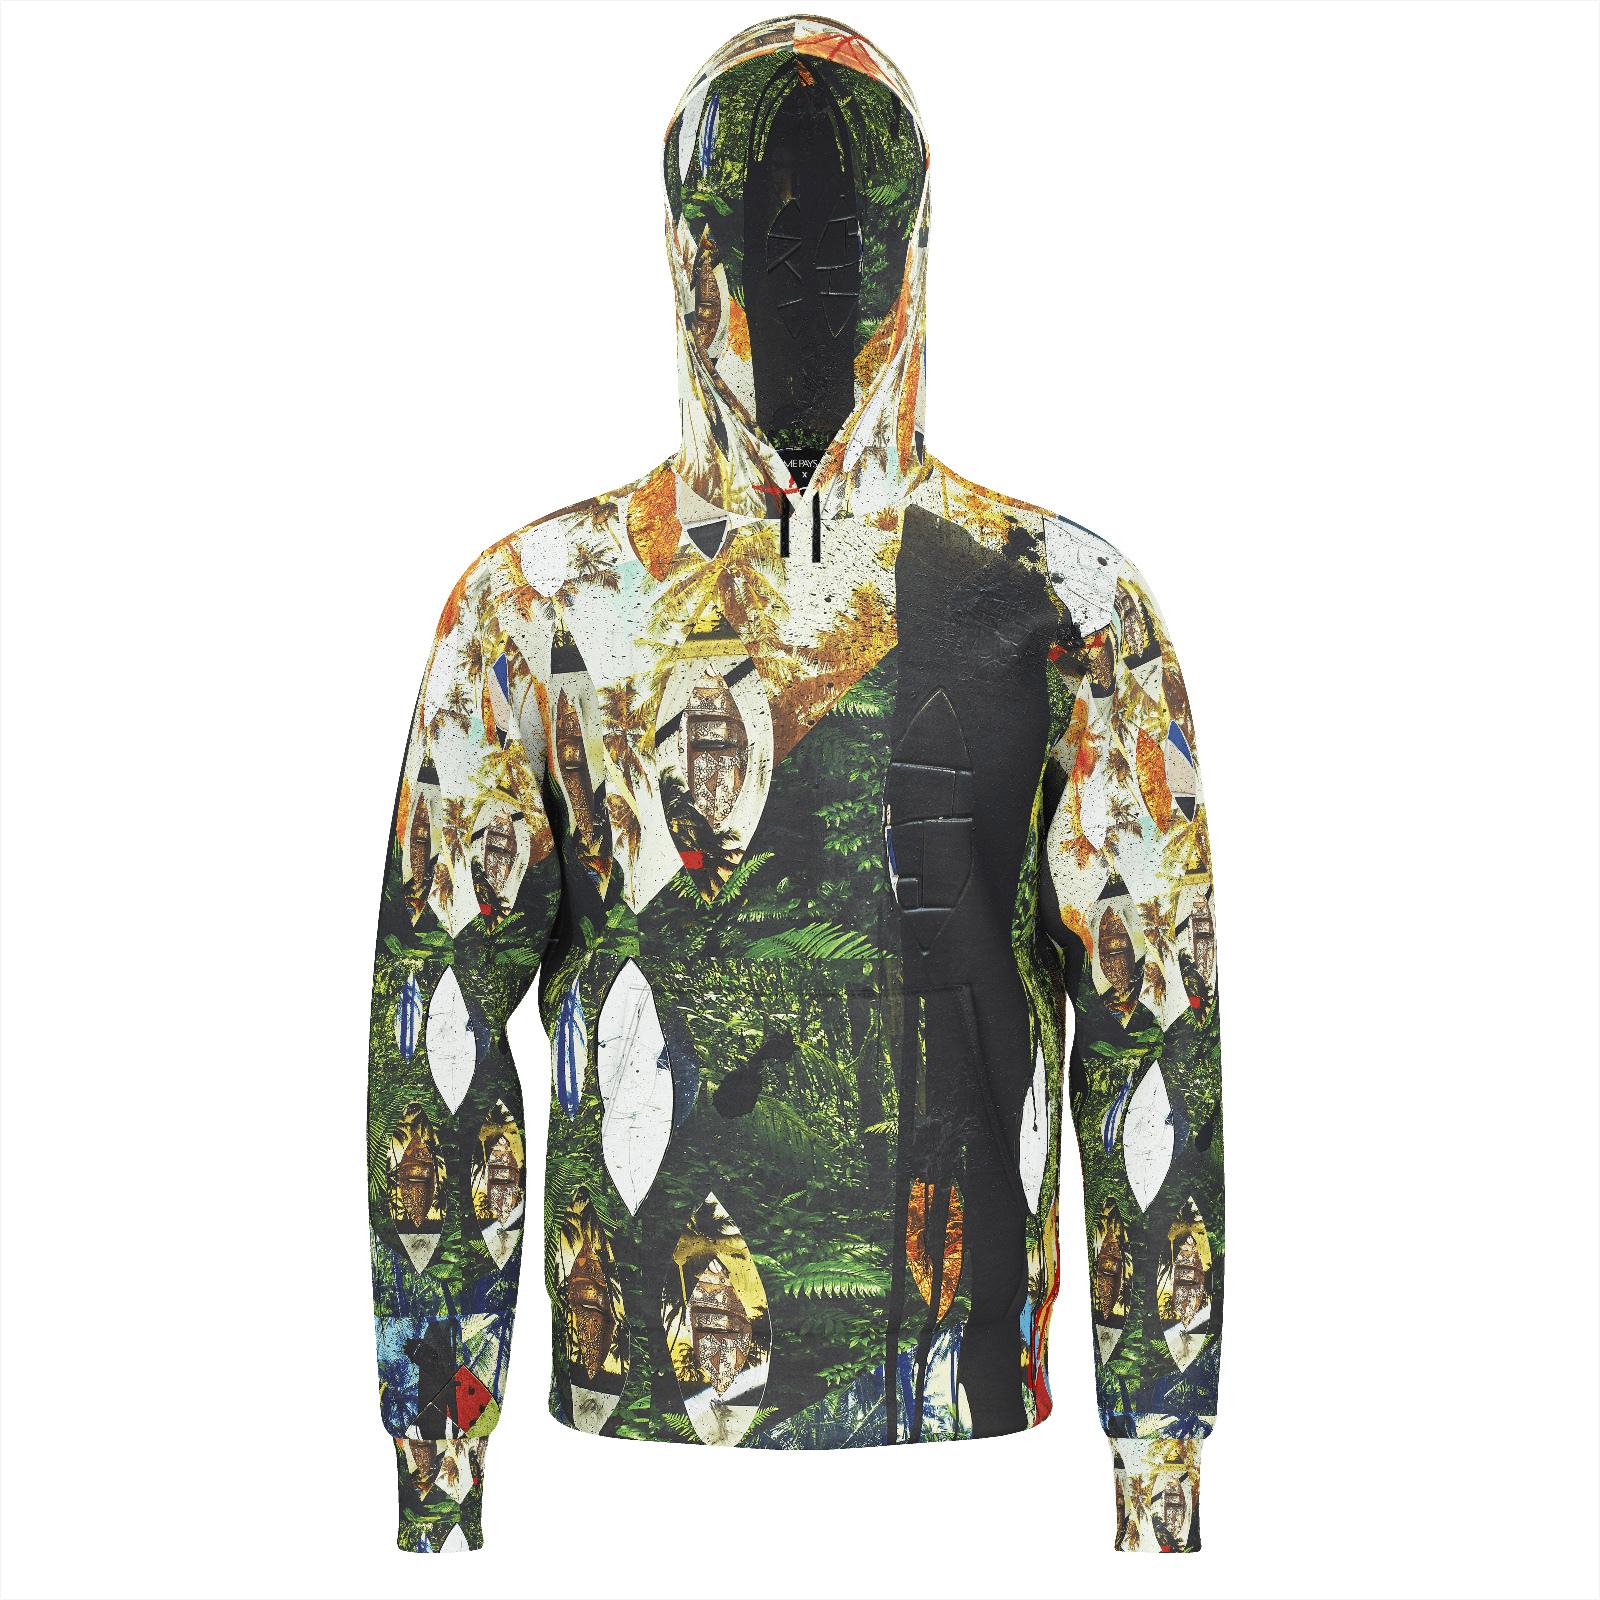 Rashid johnson hoodie